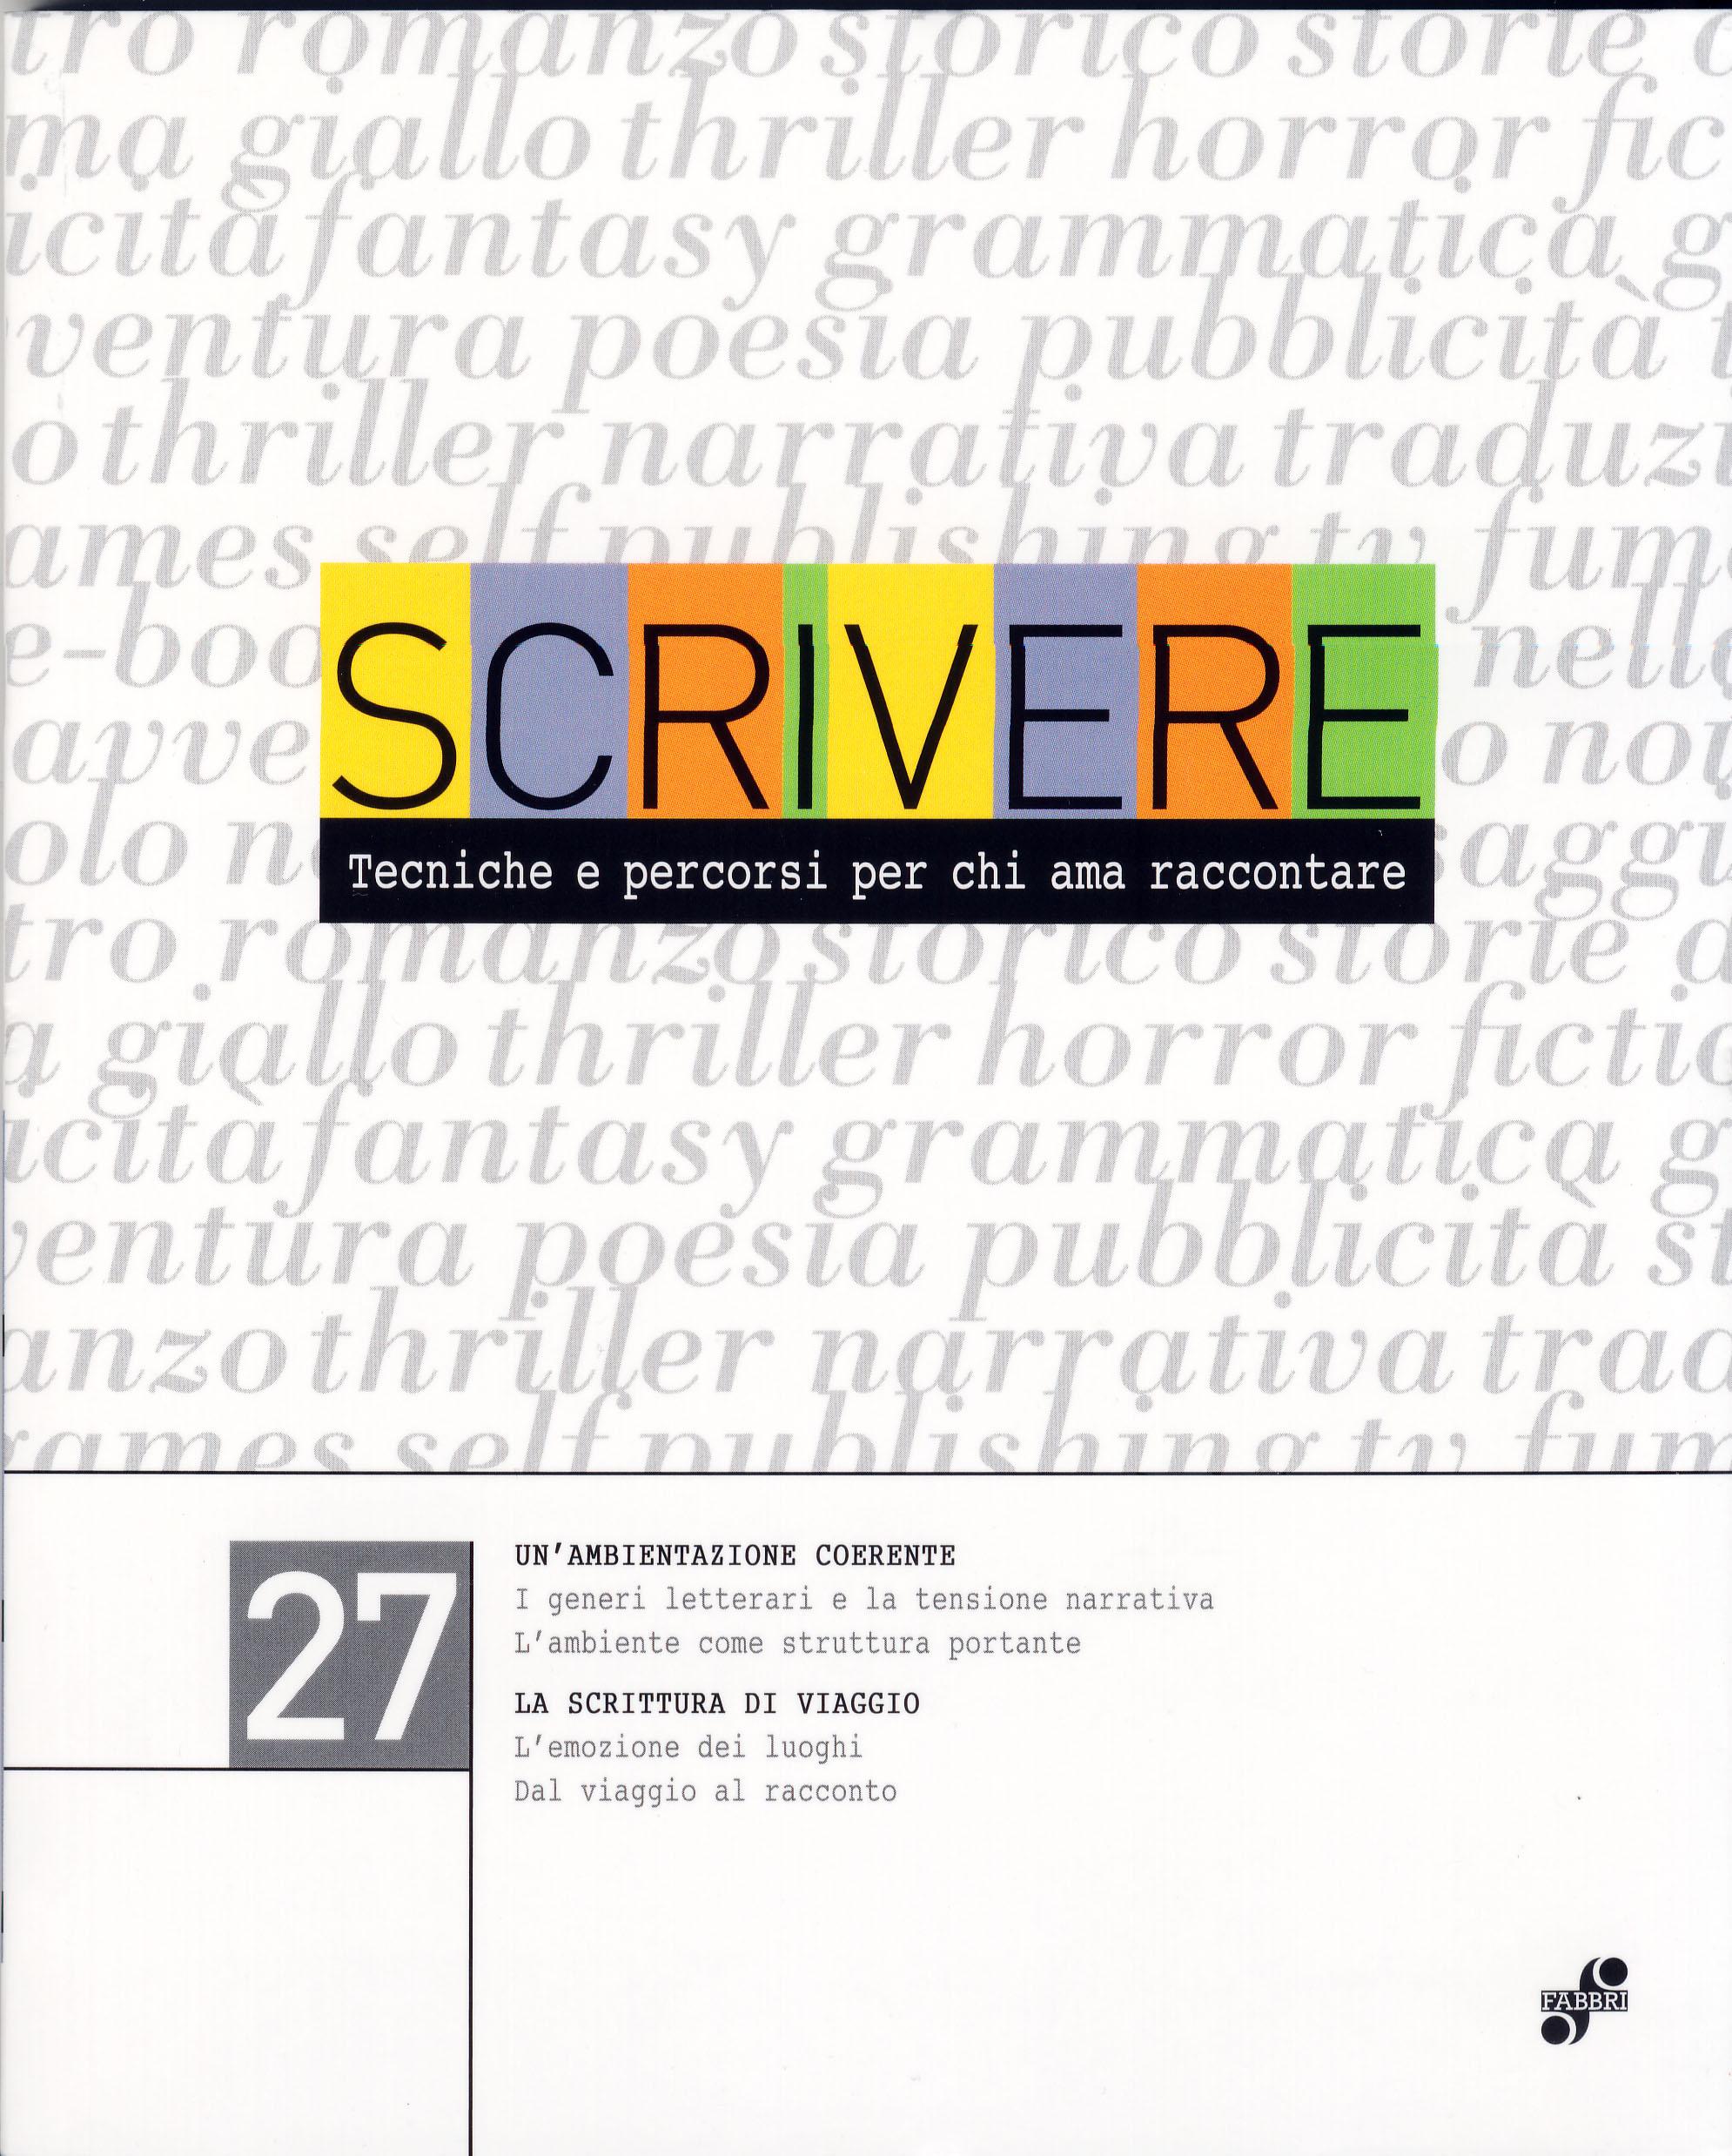 Scrivere - vol. 27